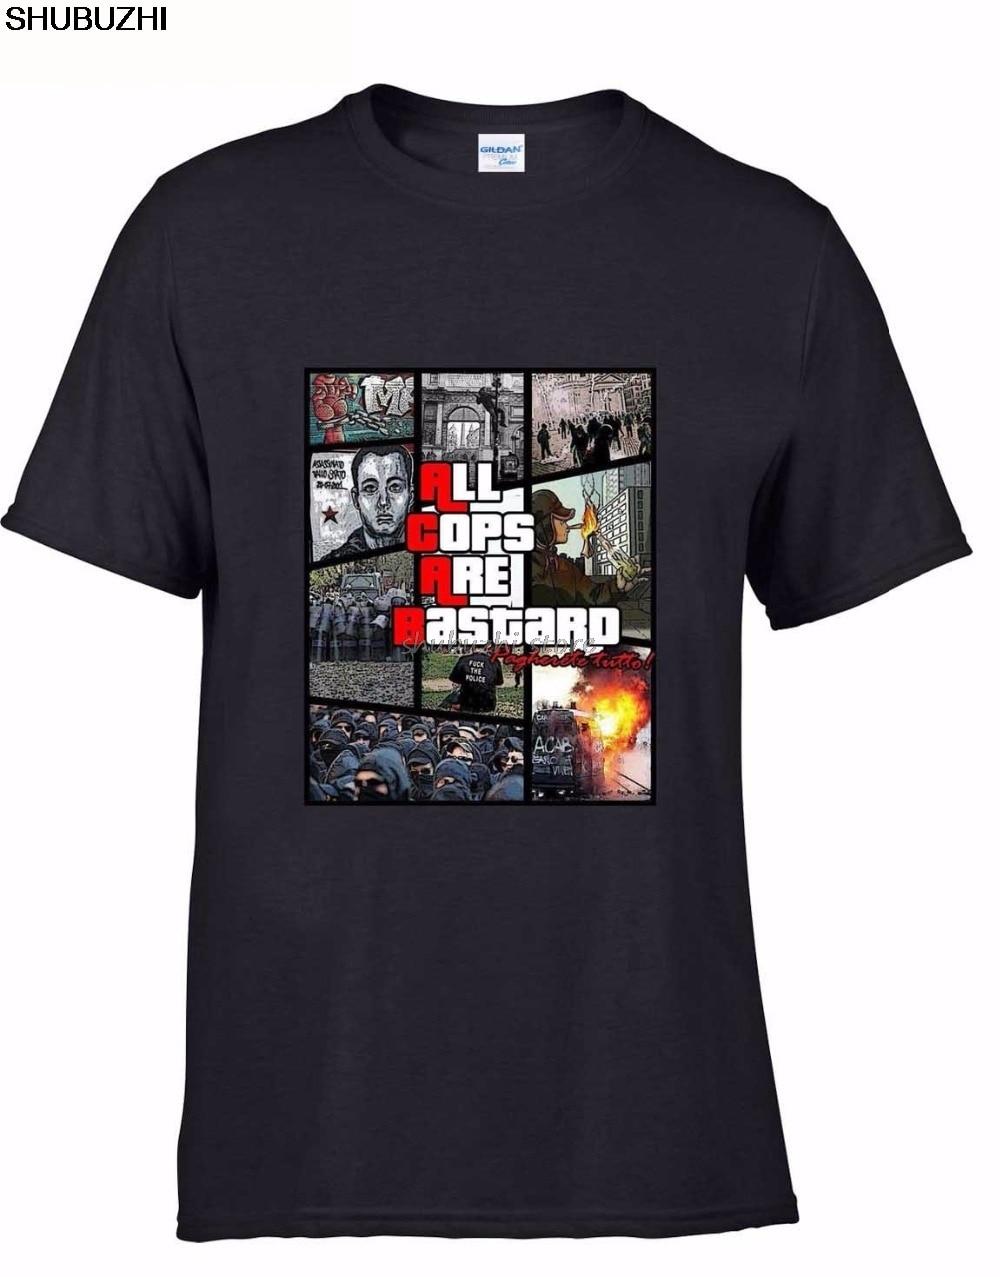 Camiseta com gola o de algodão 100%, camiseta de manga curta com gola redonda, cachorrinhos, camisetas awayday hipster sbz1341